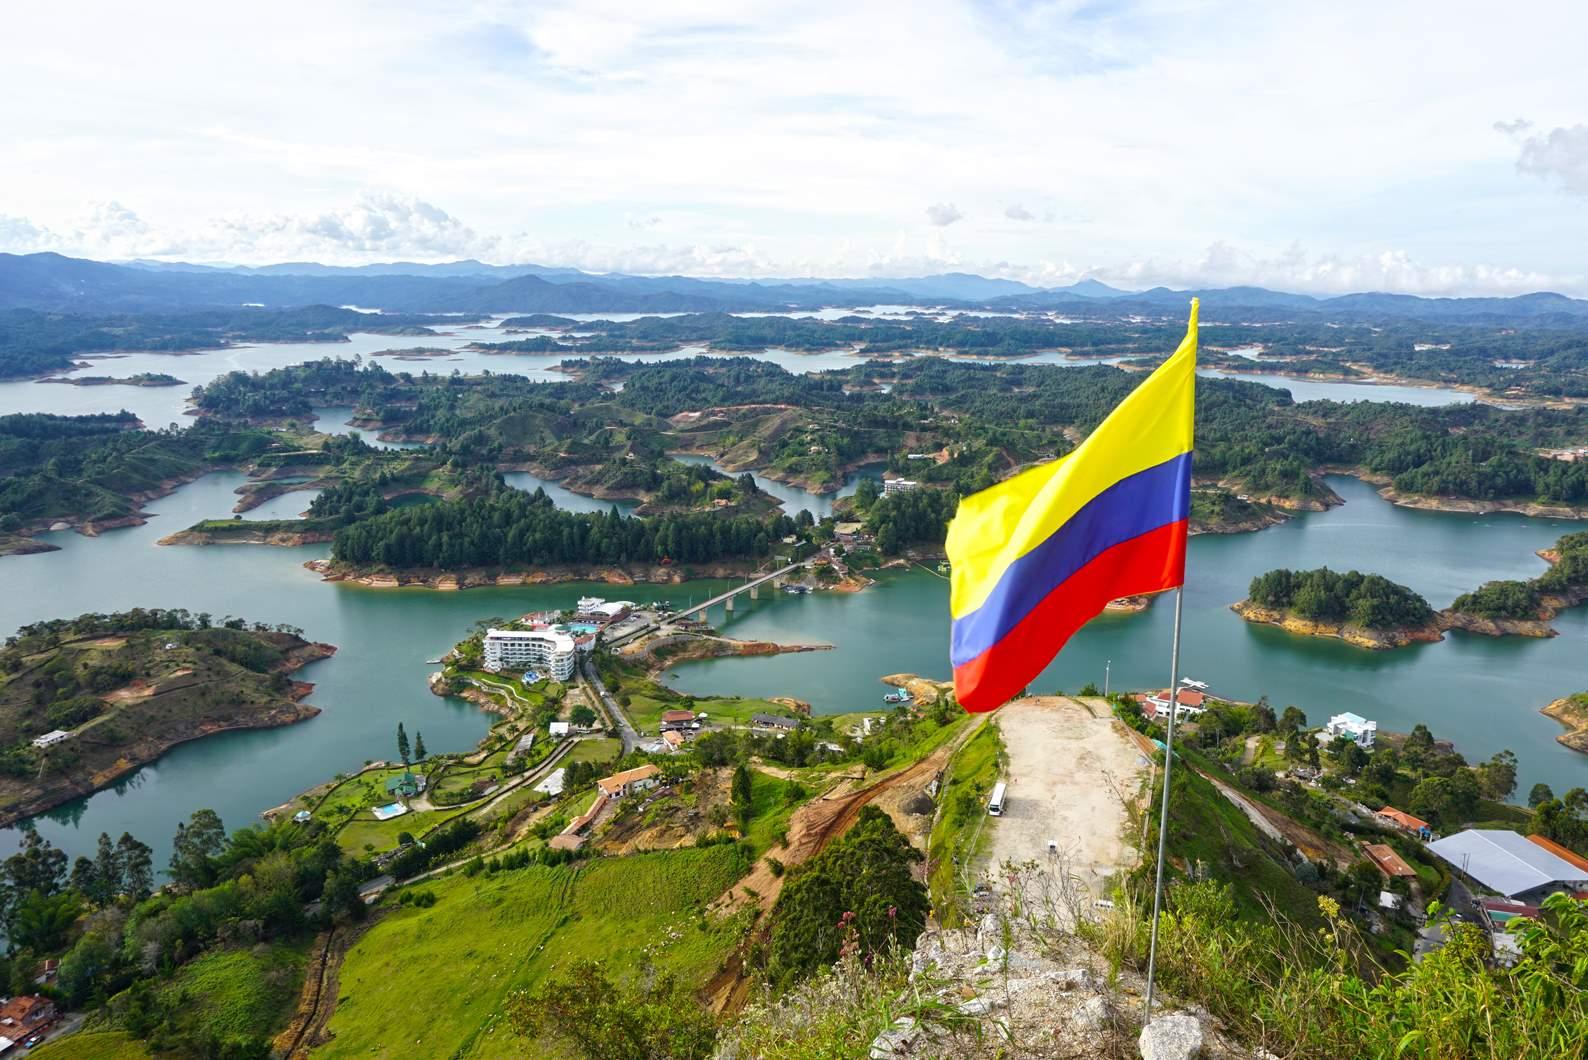 View from El Penol, Guatape